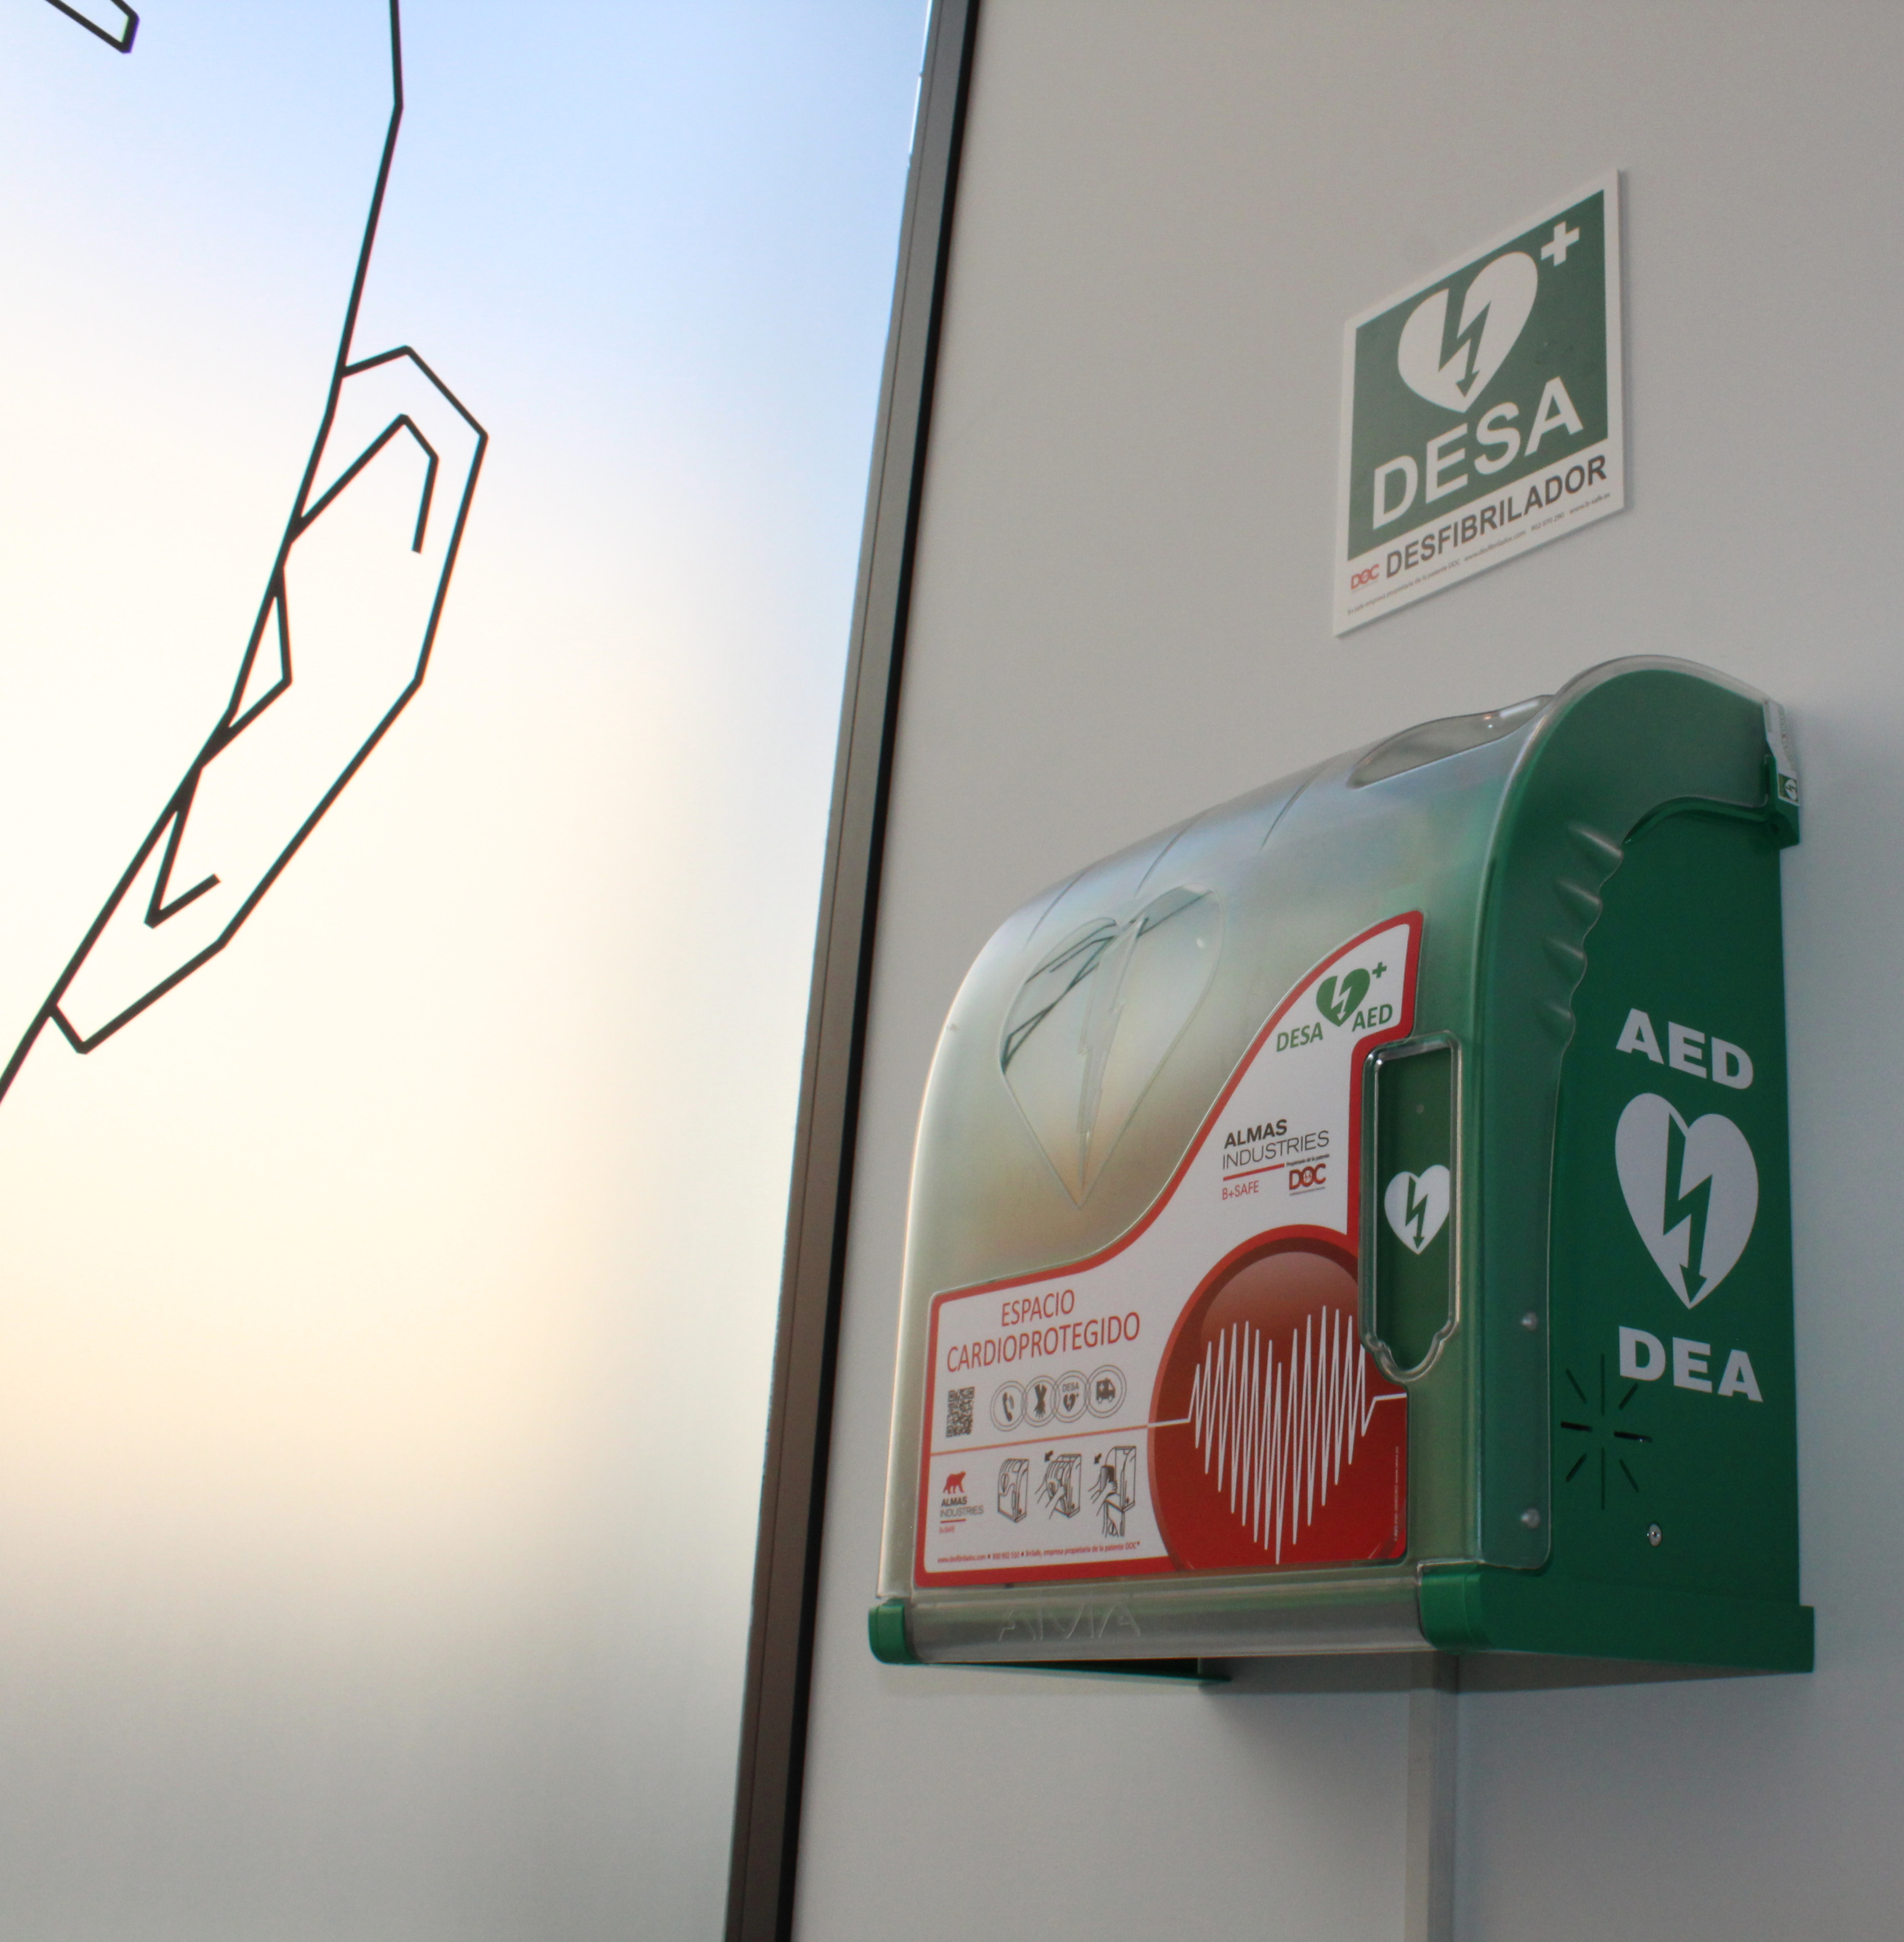 Las clínicas dentales comprometidas con la salud cardiovascular5 (1)